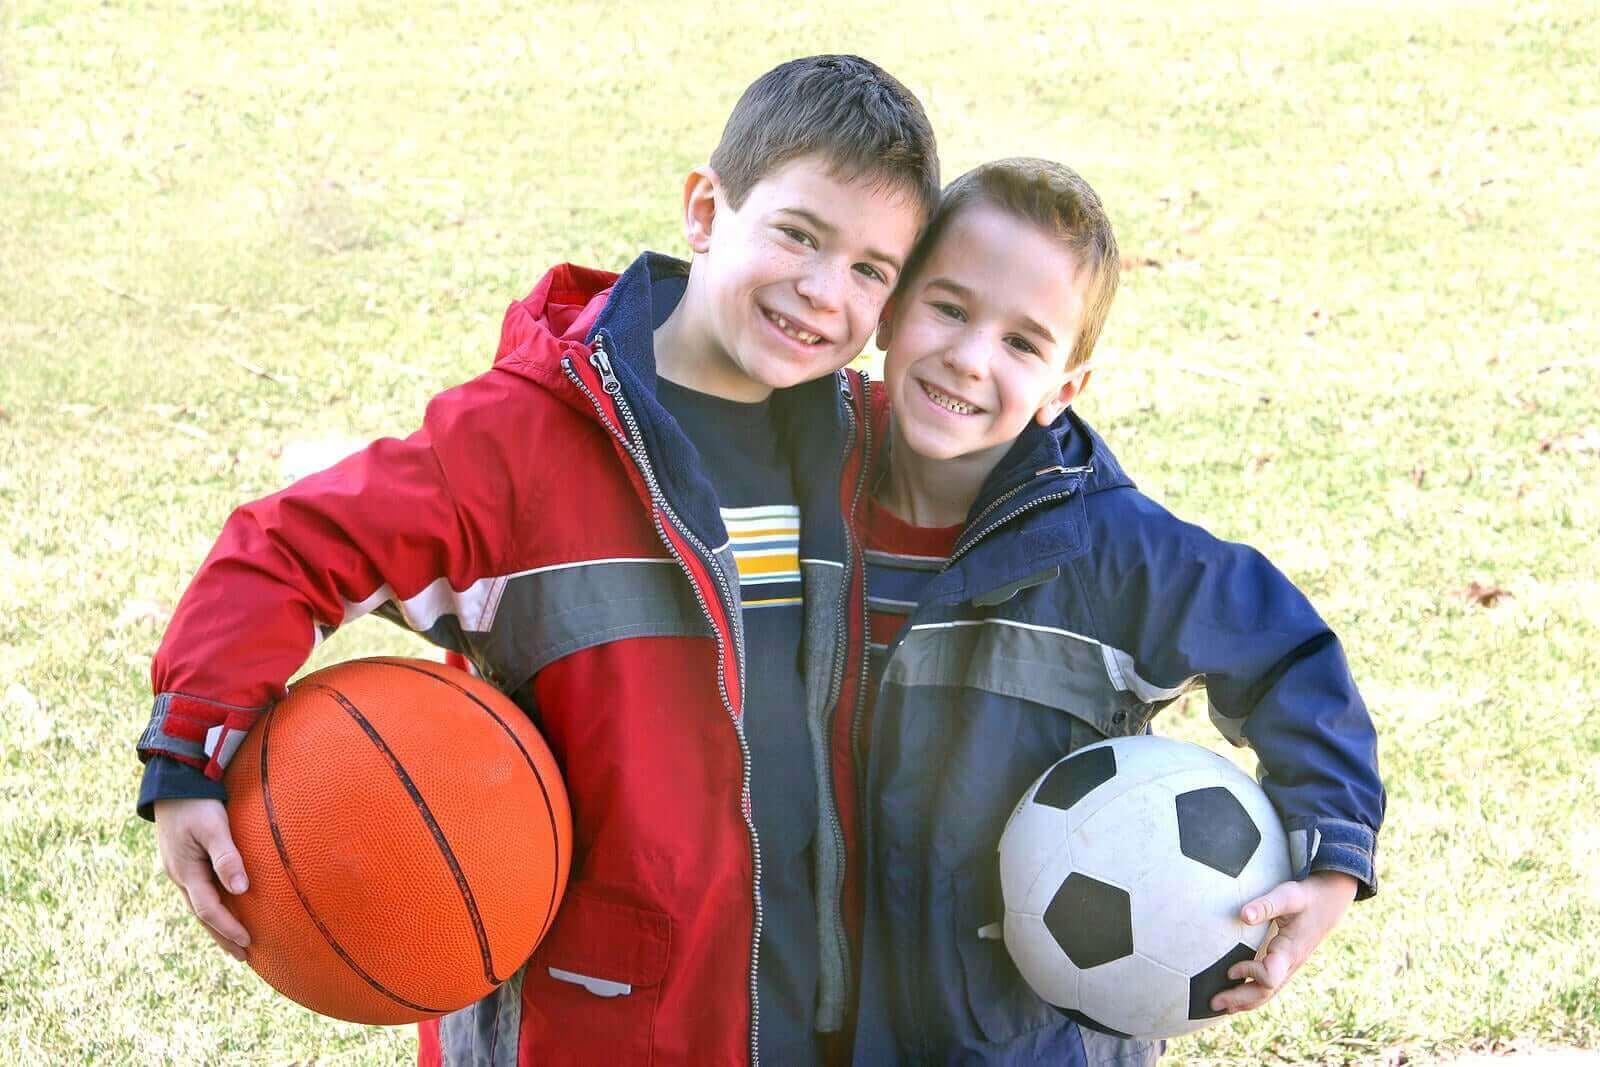 Den beste sporten for barn